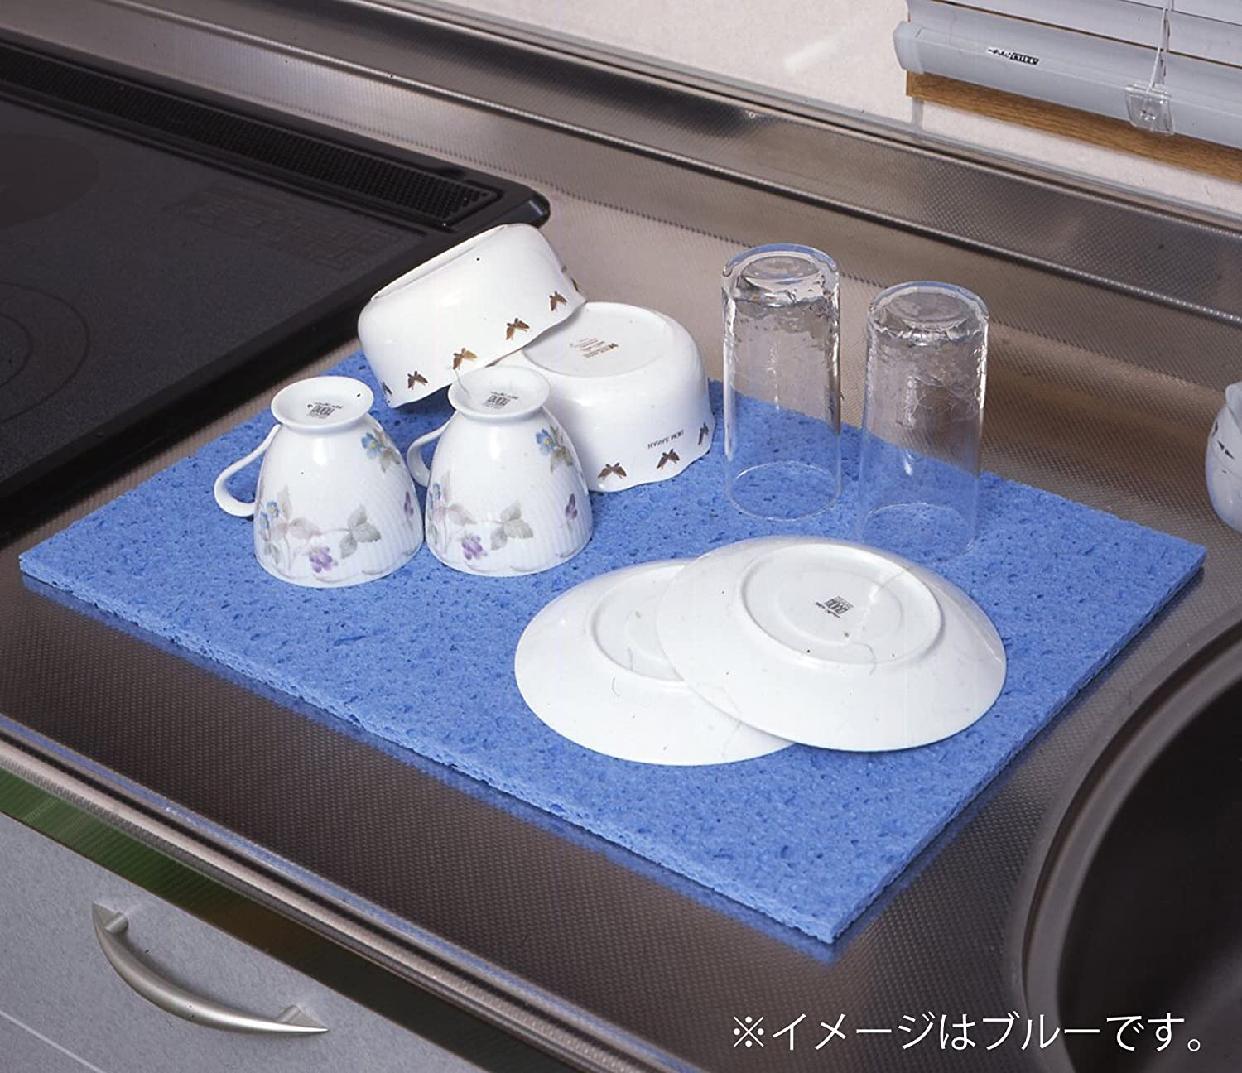 日本インソール工業 セルロース スポンジ 水切りマット 大判の商品画像4